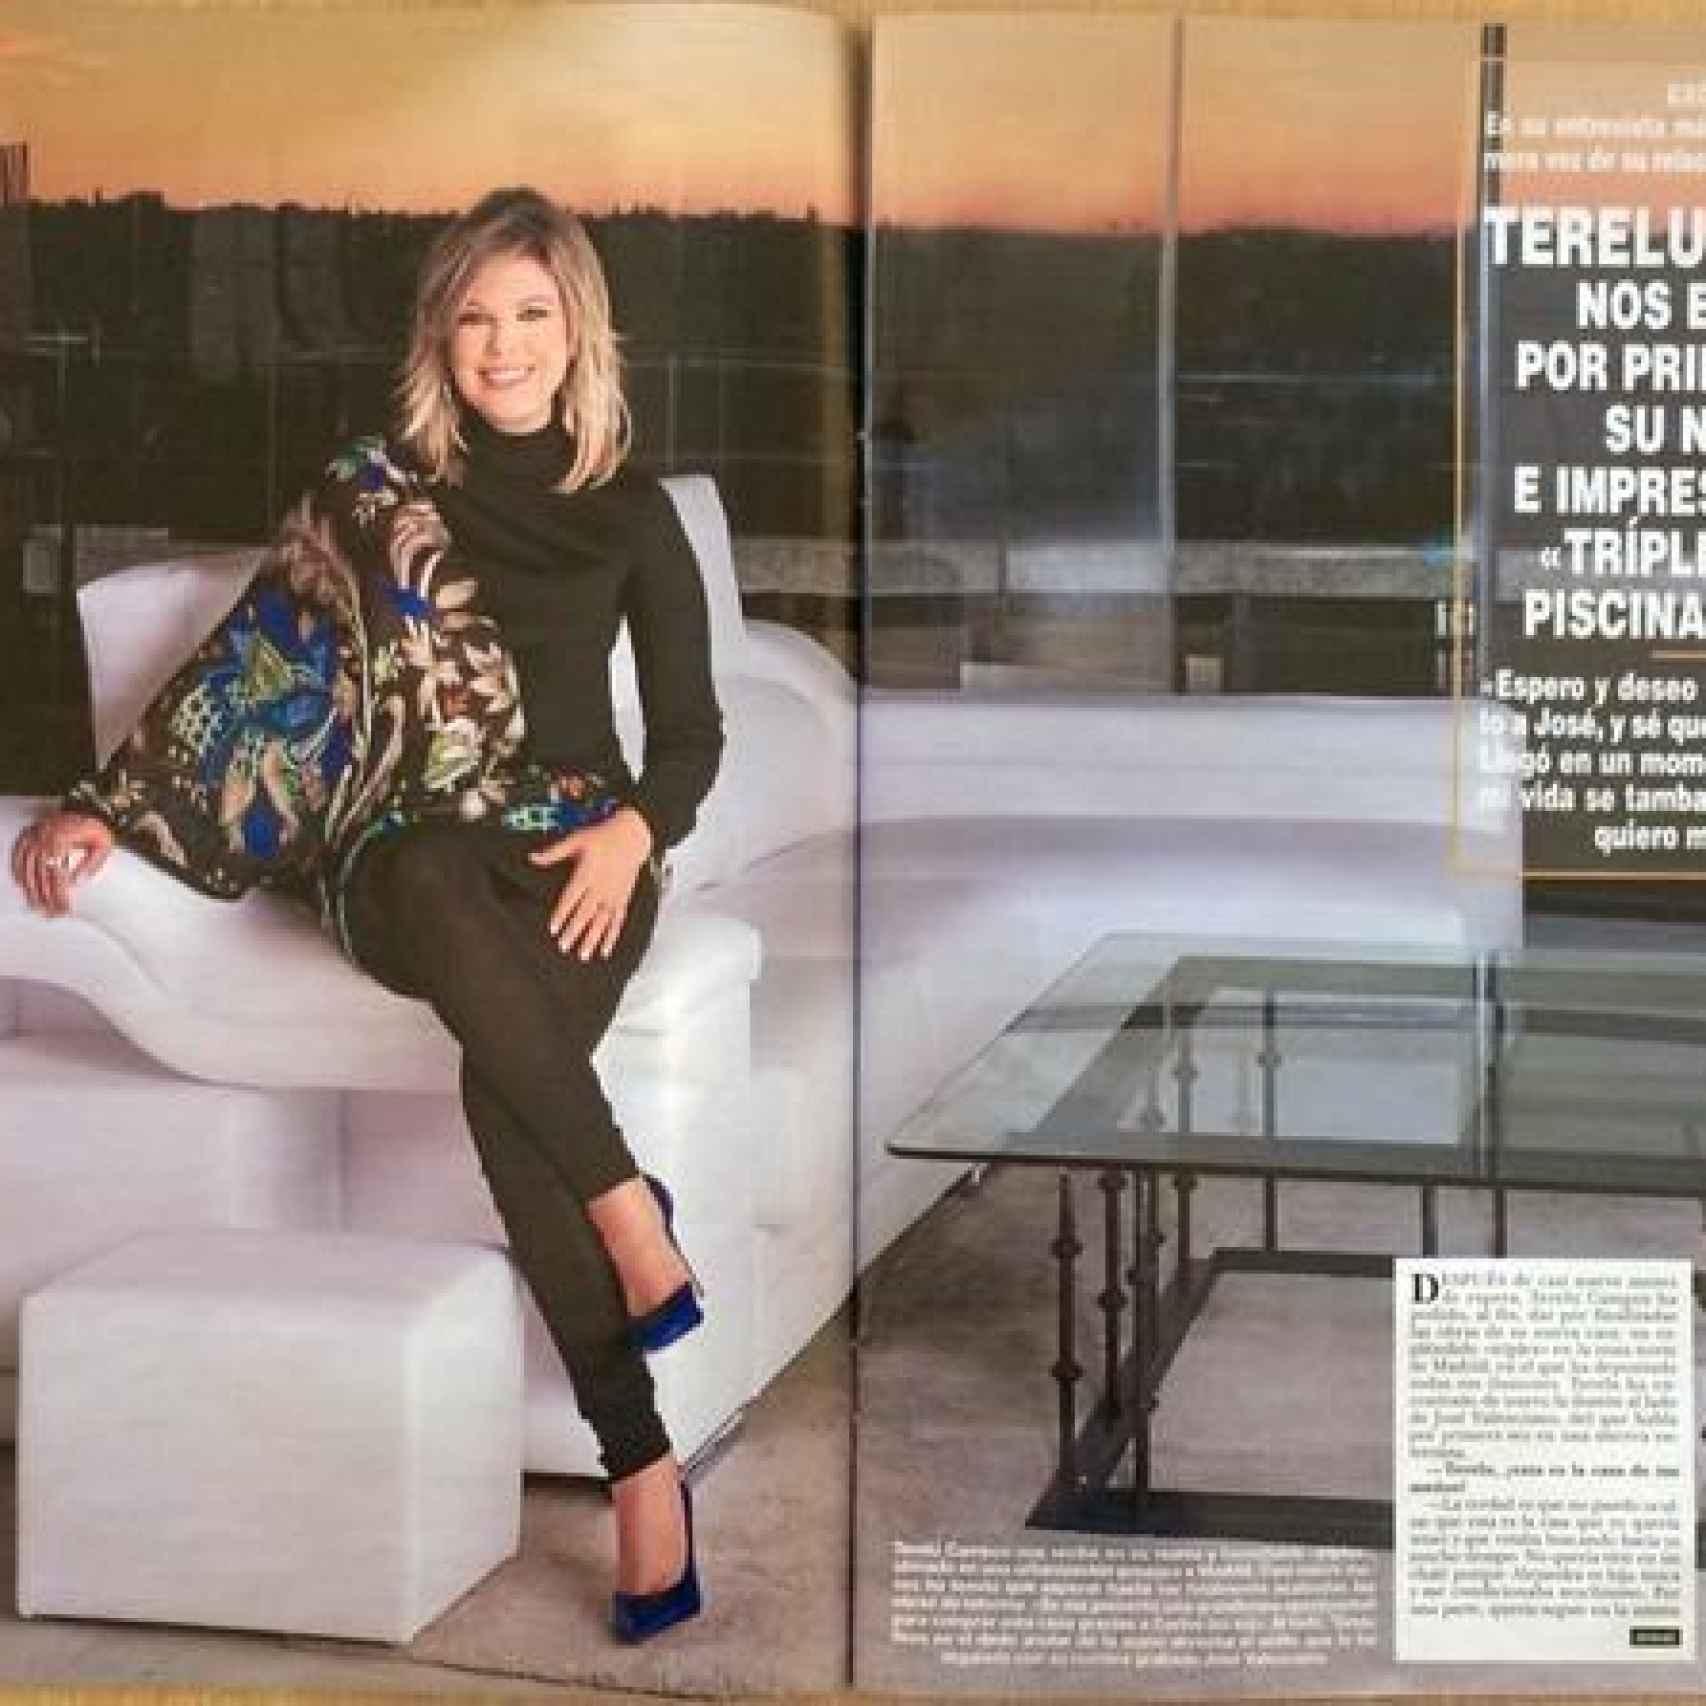 Terelu mostró su nuevo tríplex en exclusiva a una revista